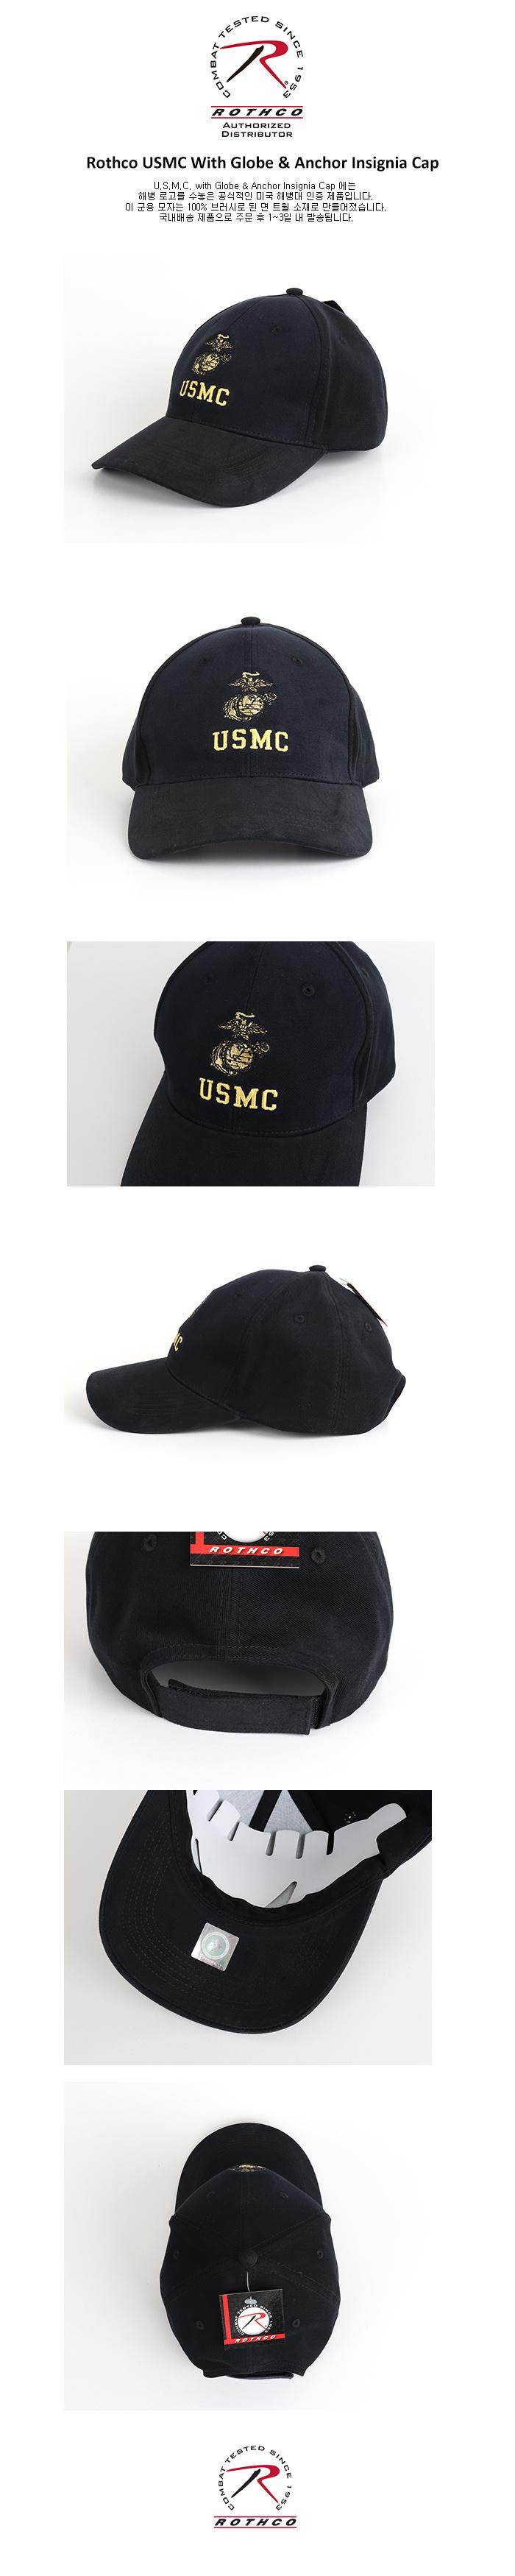 로스코(ROTHCO) [국내배송] USMC With Globe & Anchor Insignia Cap